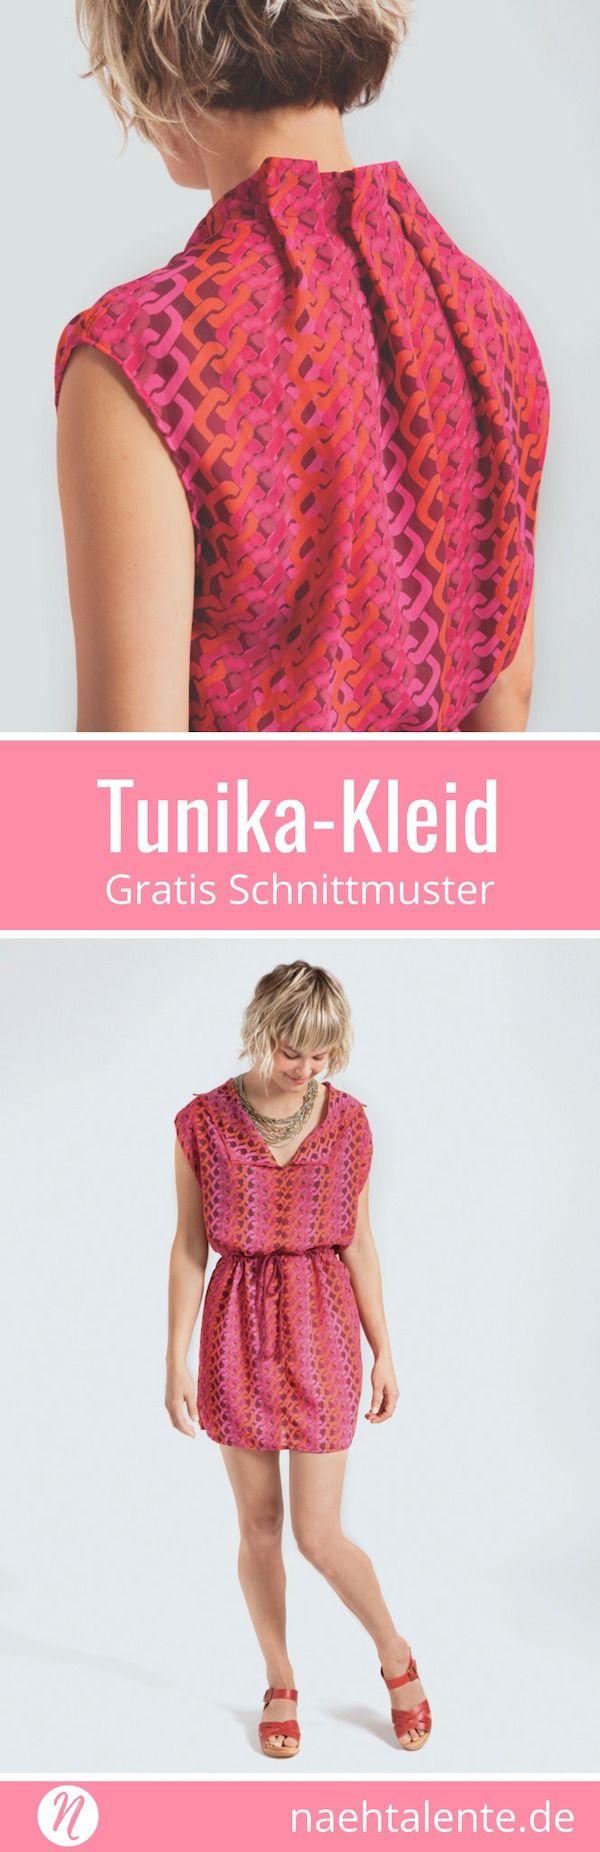 Einfaches Tunika-Kleid | Pinterest | einfache Tunika, Tunika kleid ...